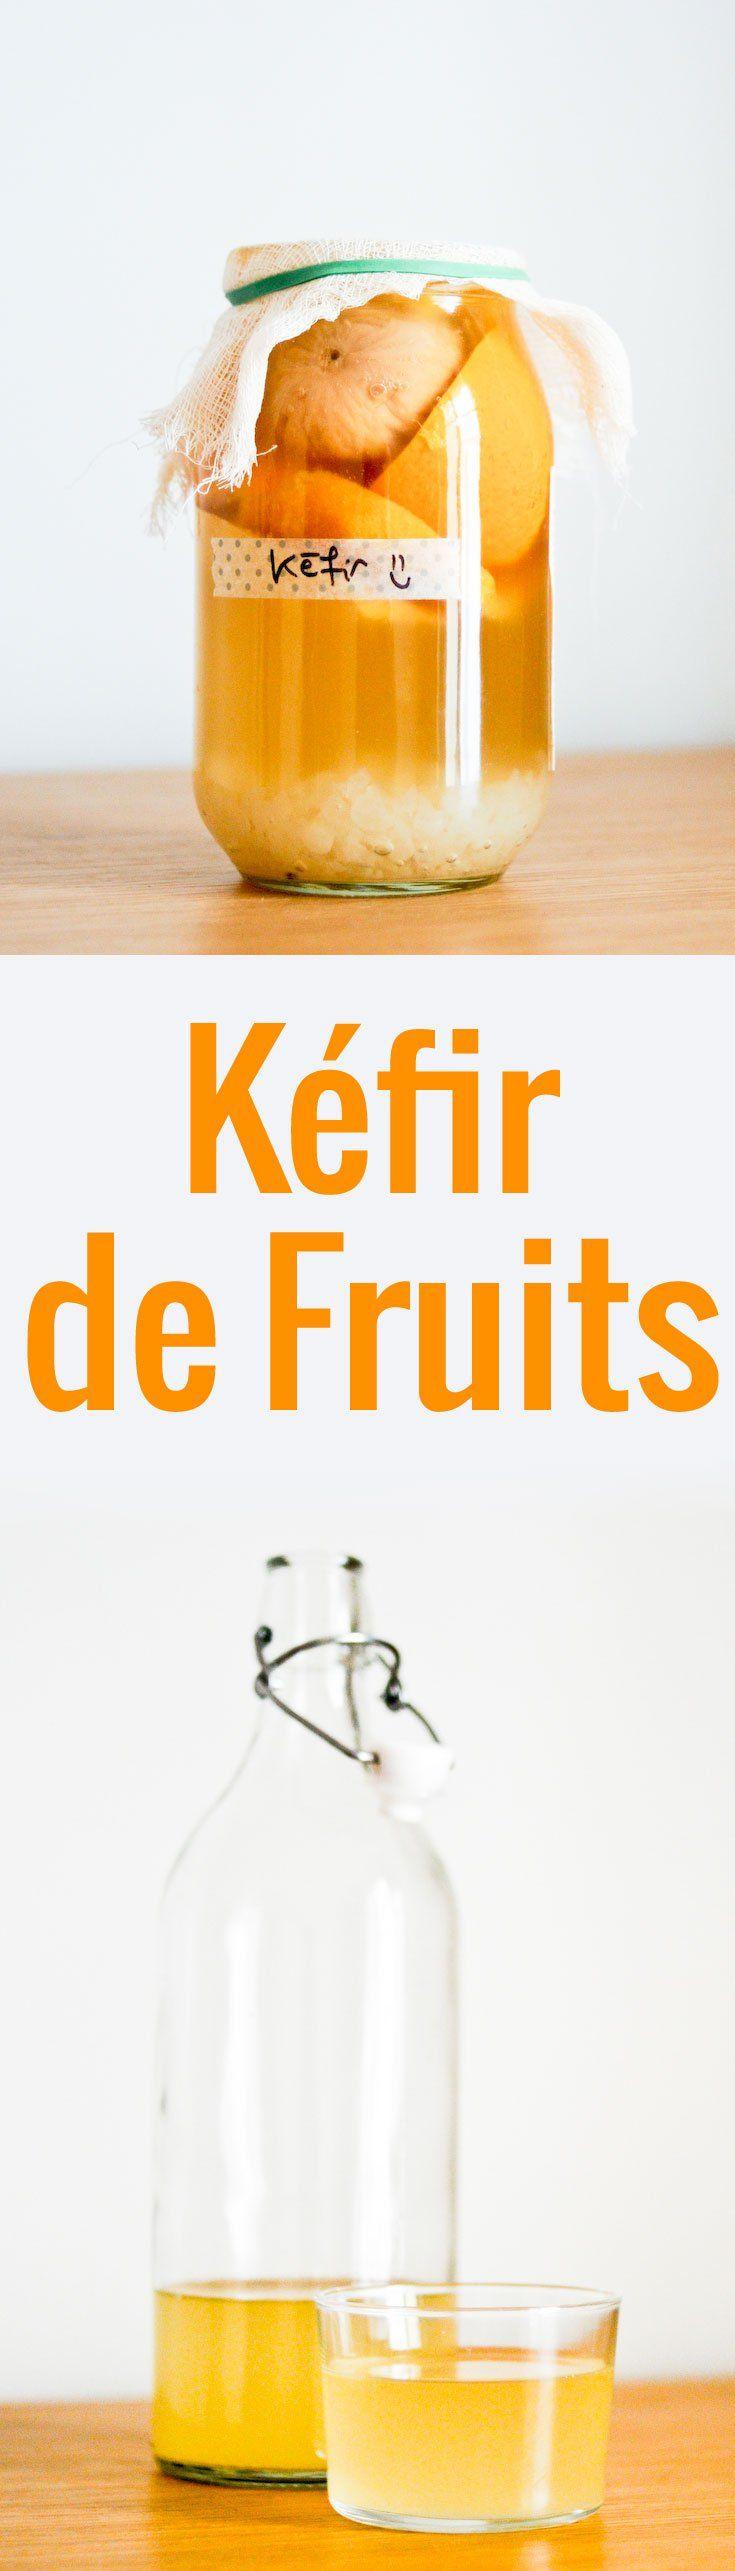 Des explications claires et précises pour faire votre propre kéfir de fruits, une boisson fermentée délicieuse et saine à base de fruits.